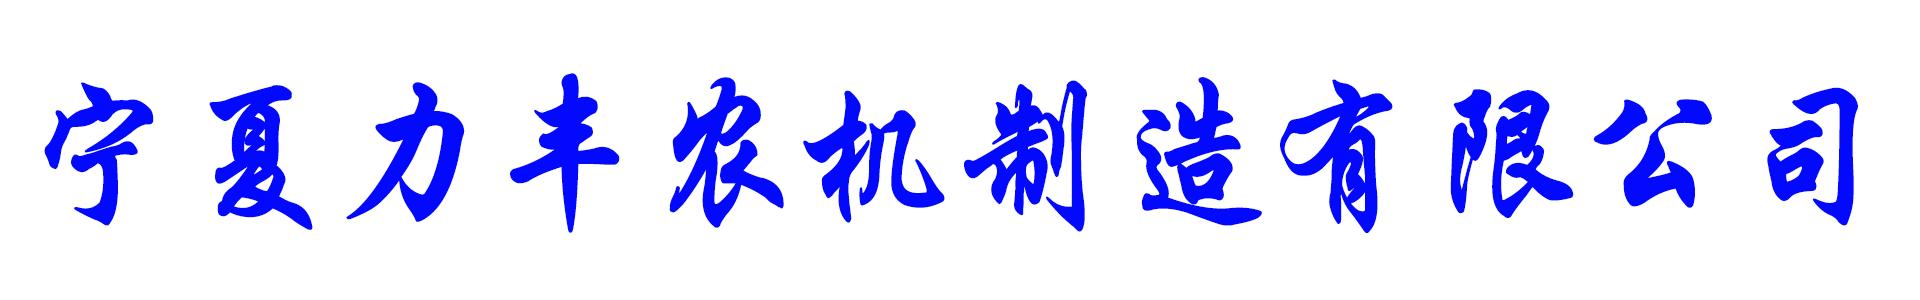 华体会集团